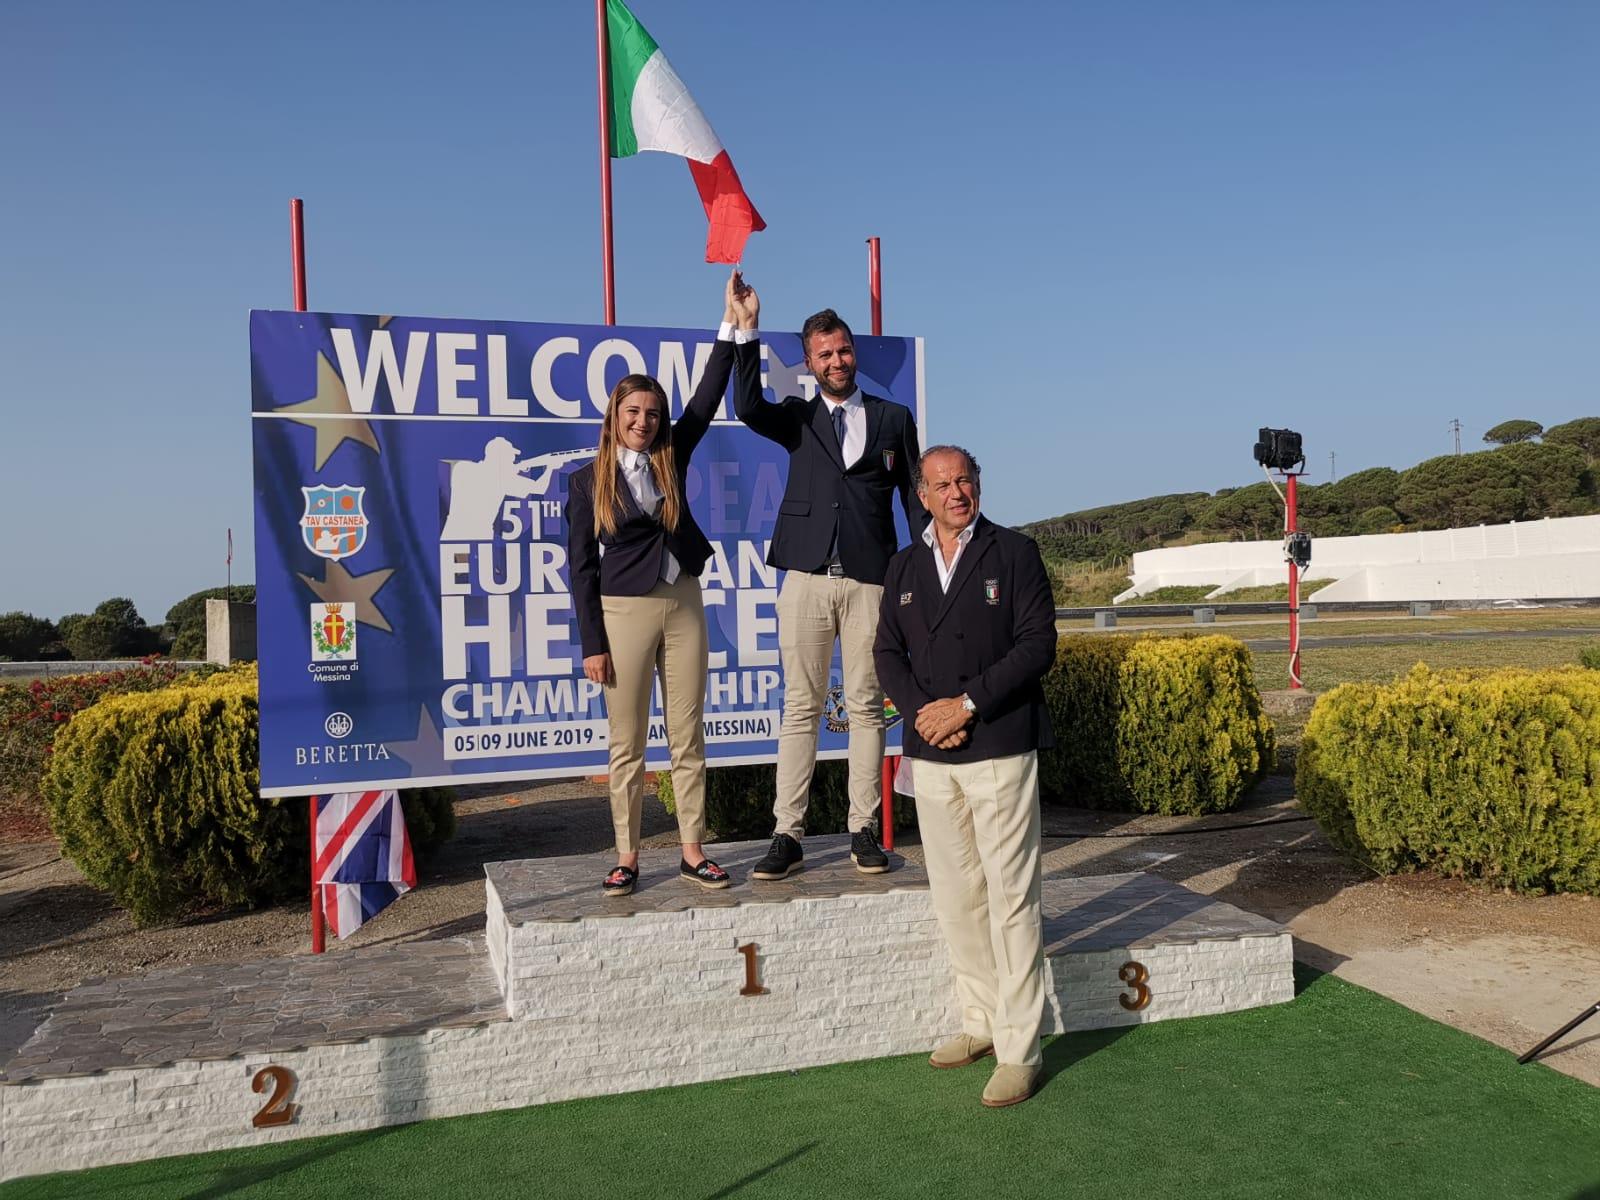 Europei di tiro a volo, il messinese Bruno vince il campionato